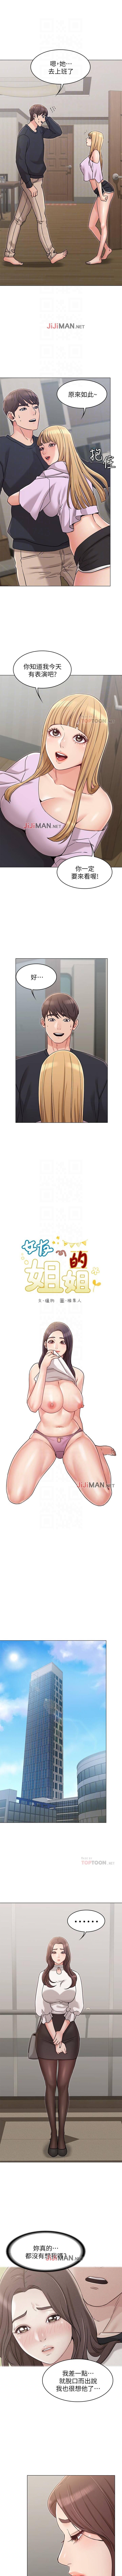 【周六连载】女友的姐姐(作者:橡果人&獵狗) 第1~23话 141